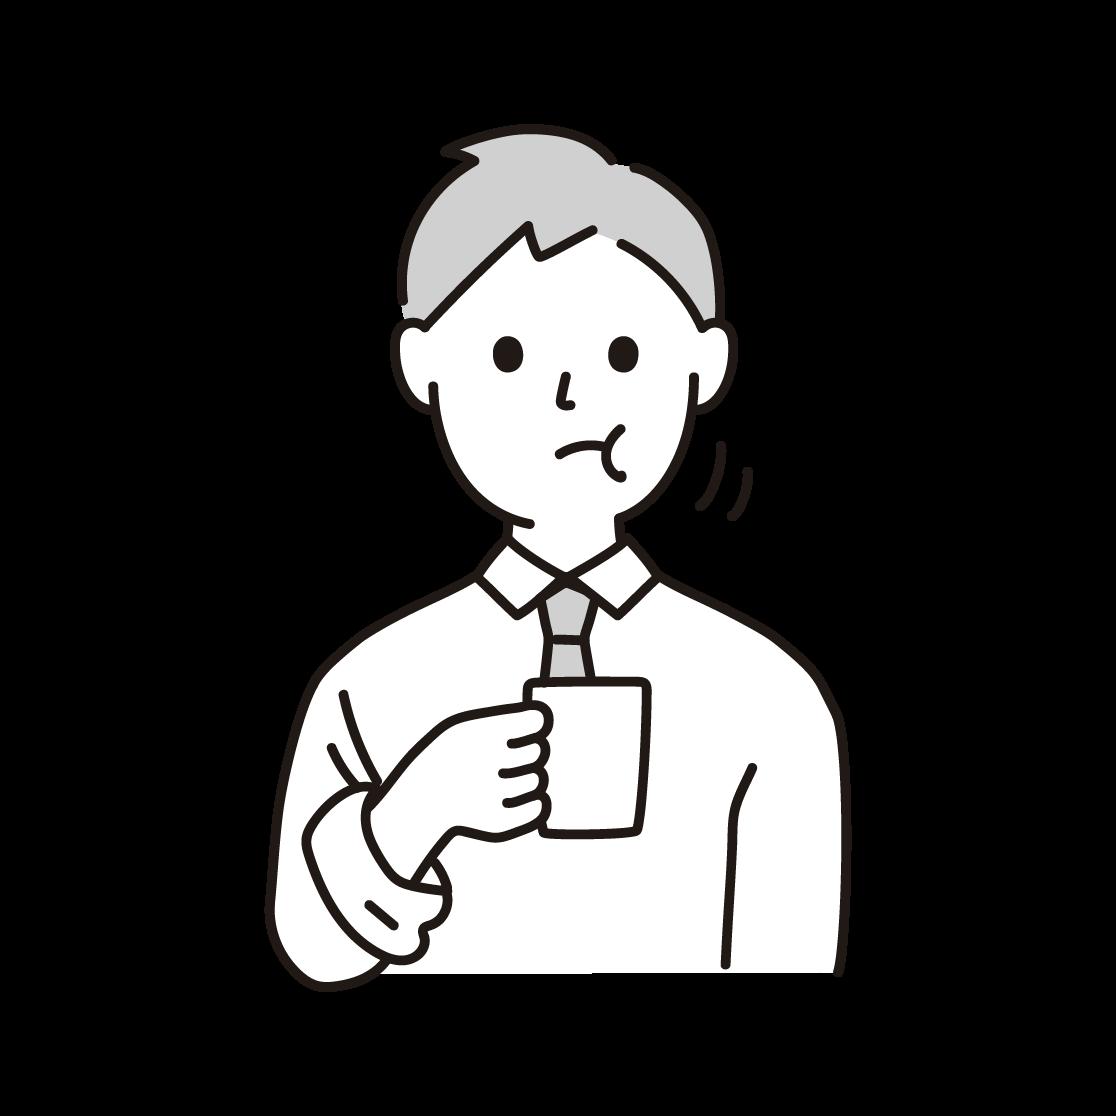 うがいをする人の単色イラスト